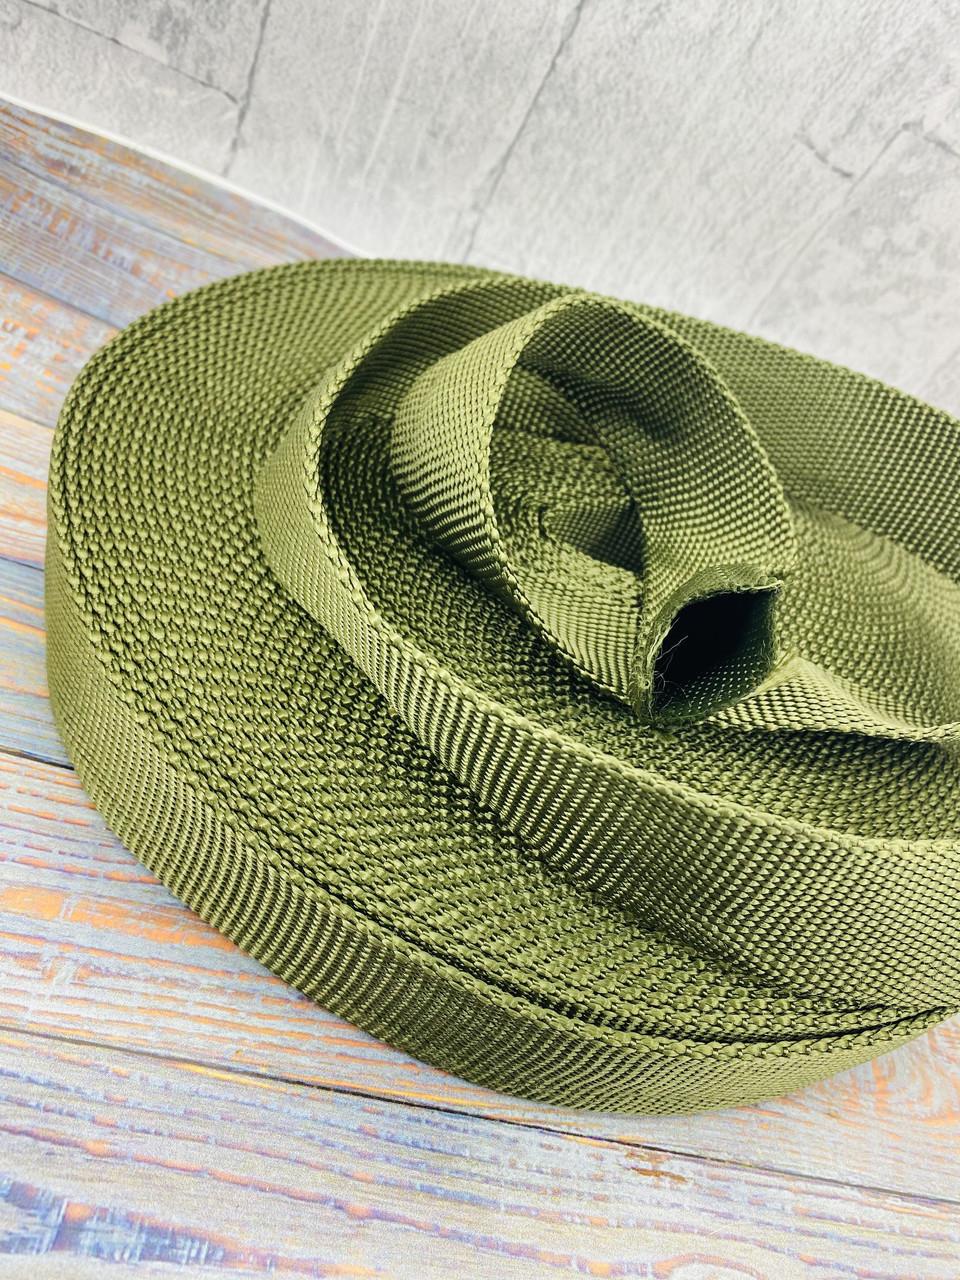 Лента чулочная рукав 25 мм - 25 м текстильный кожух